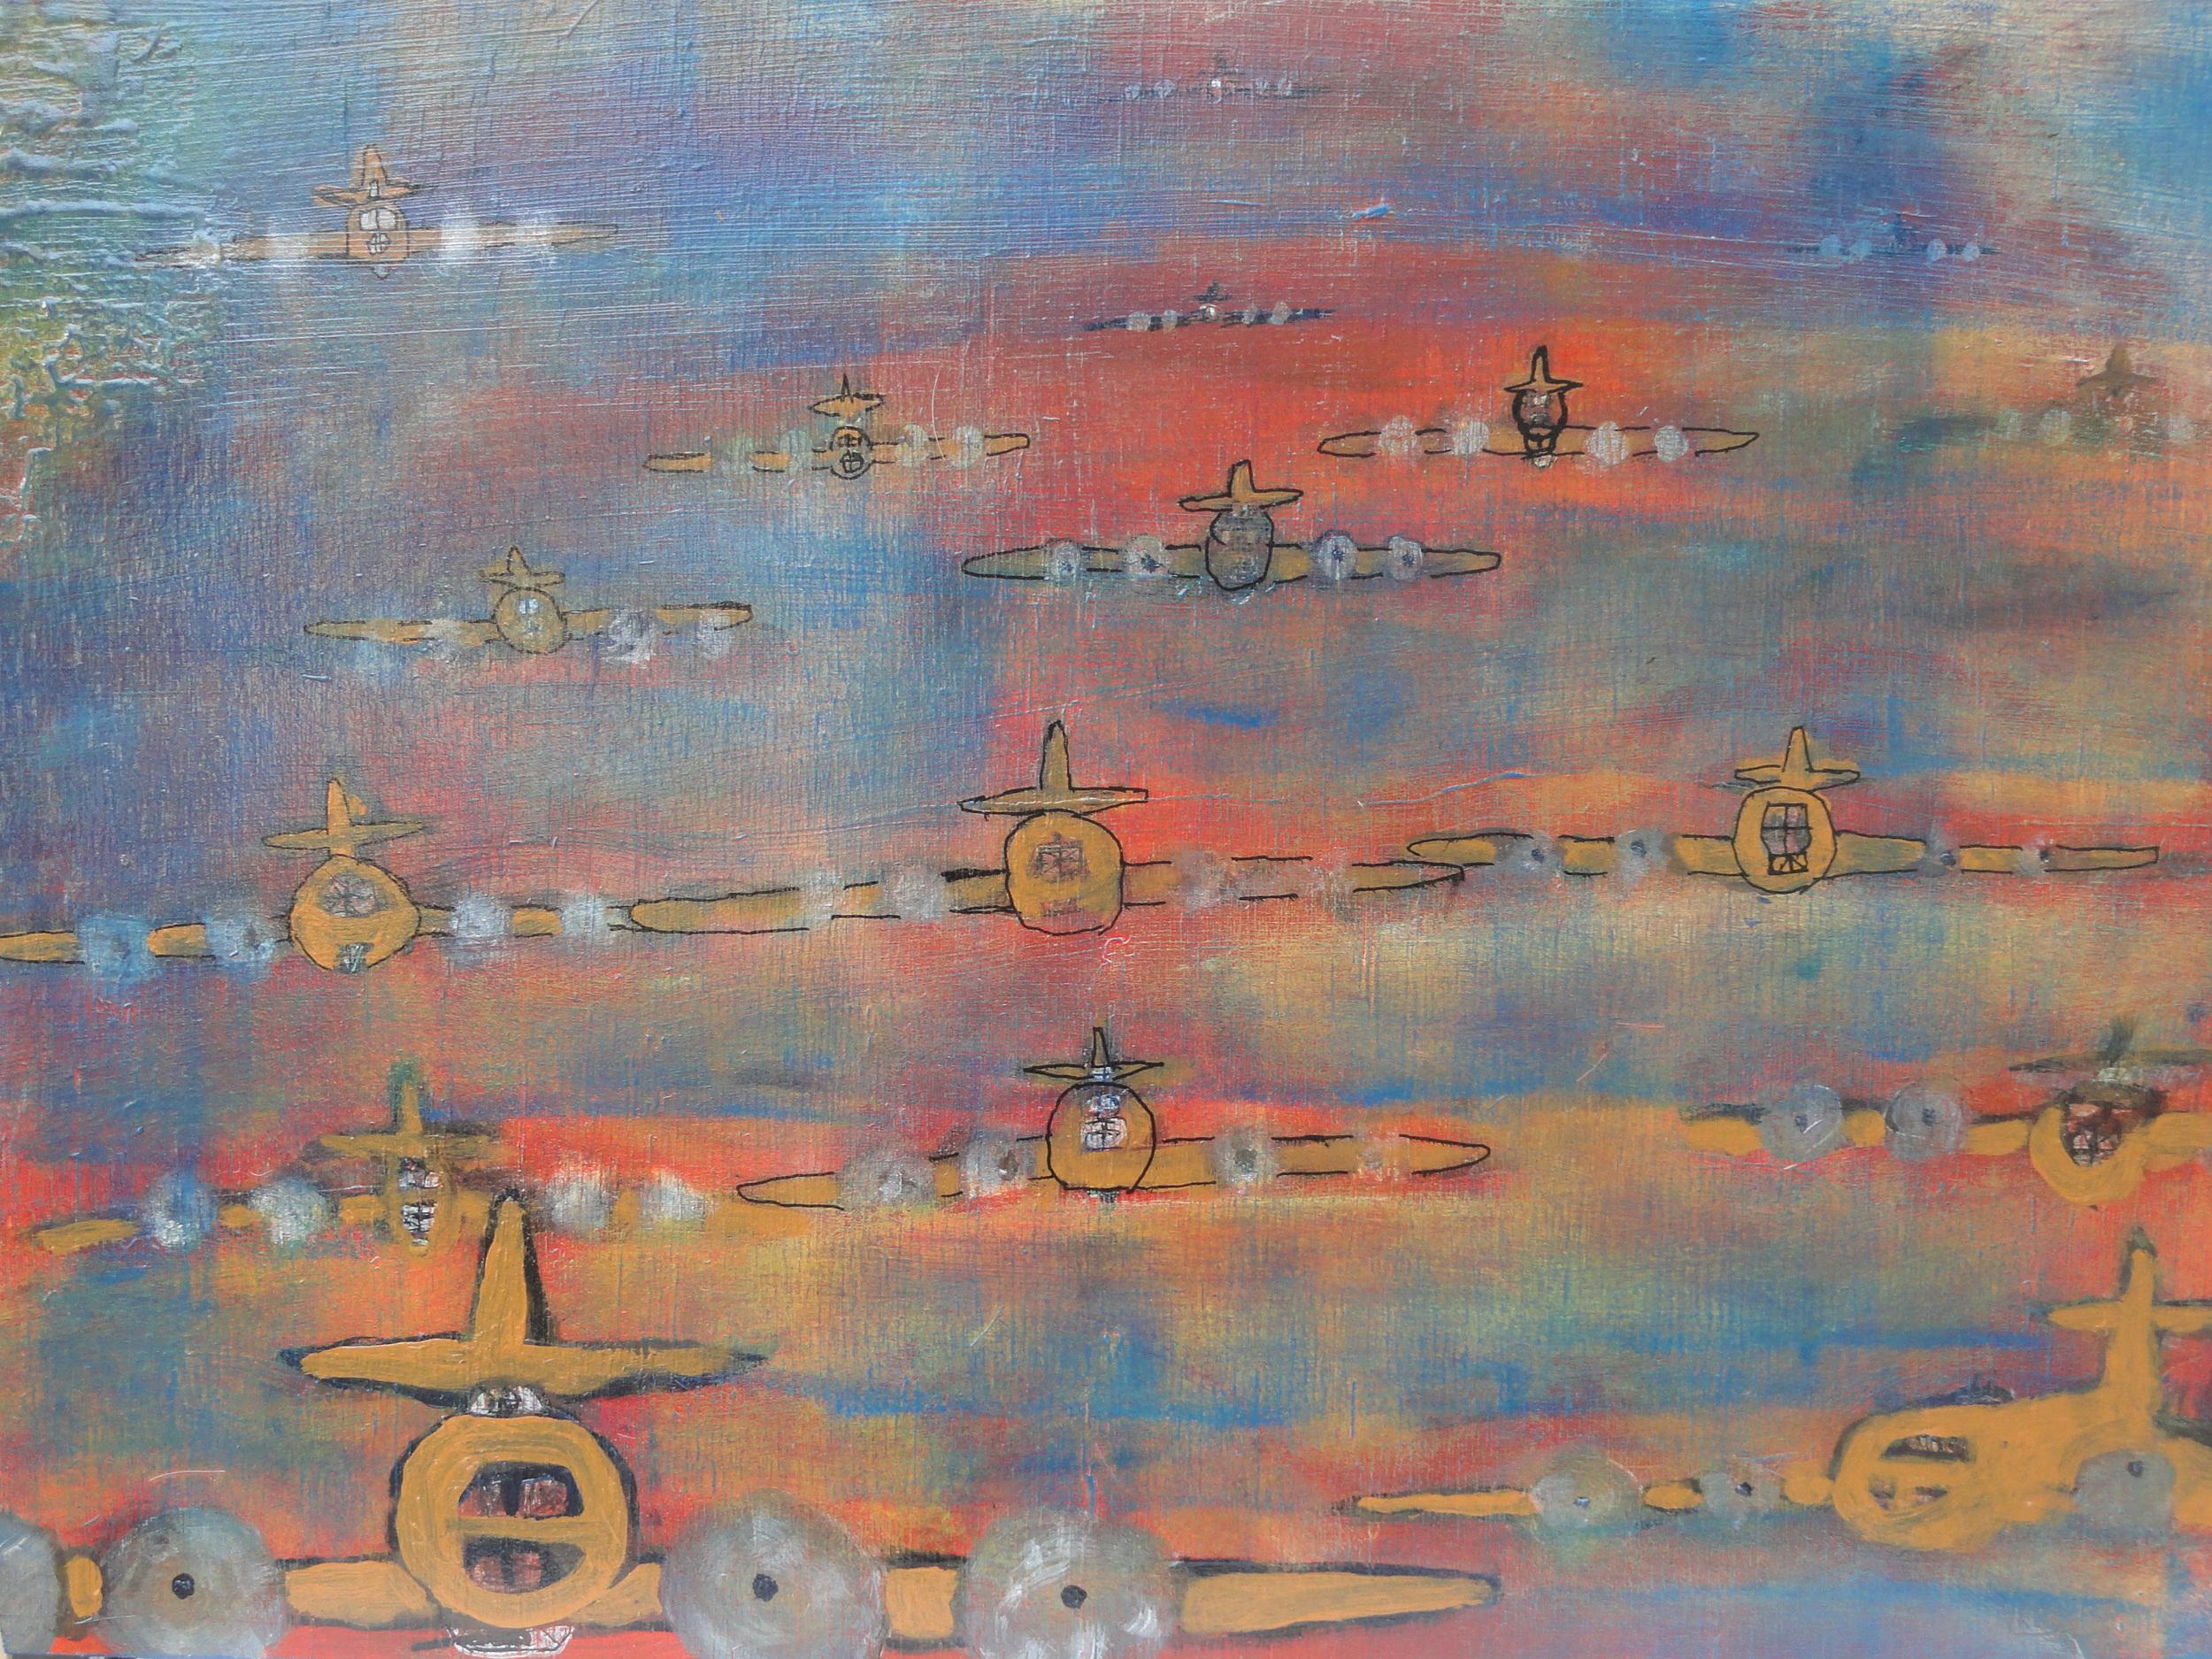 Bomber Group